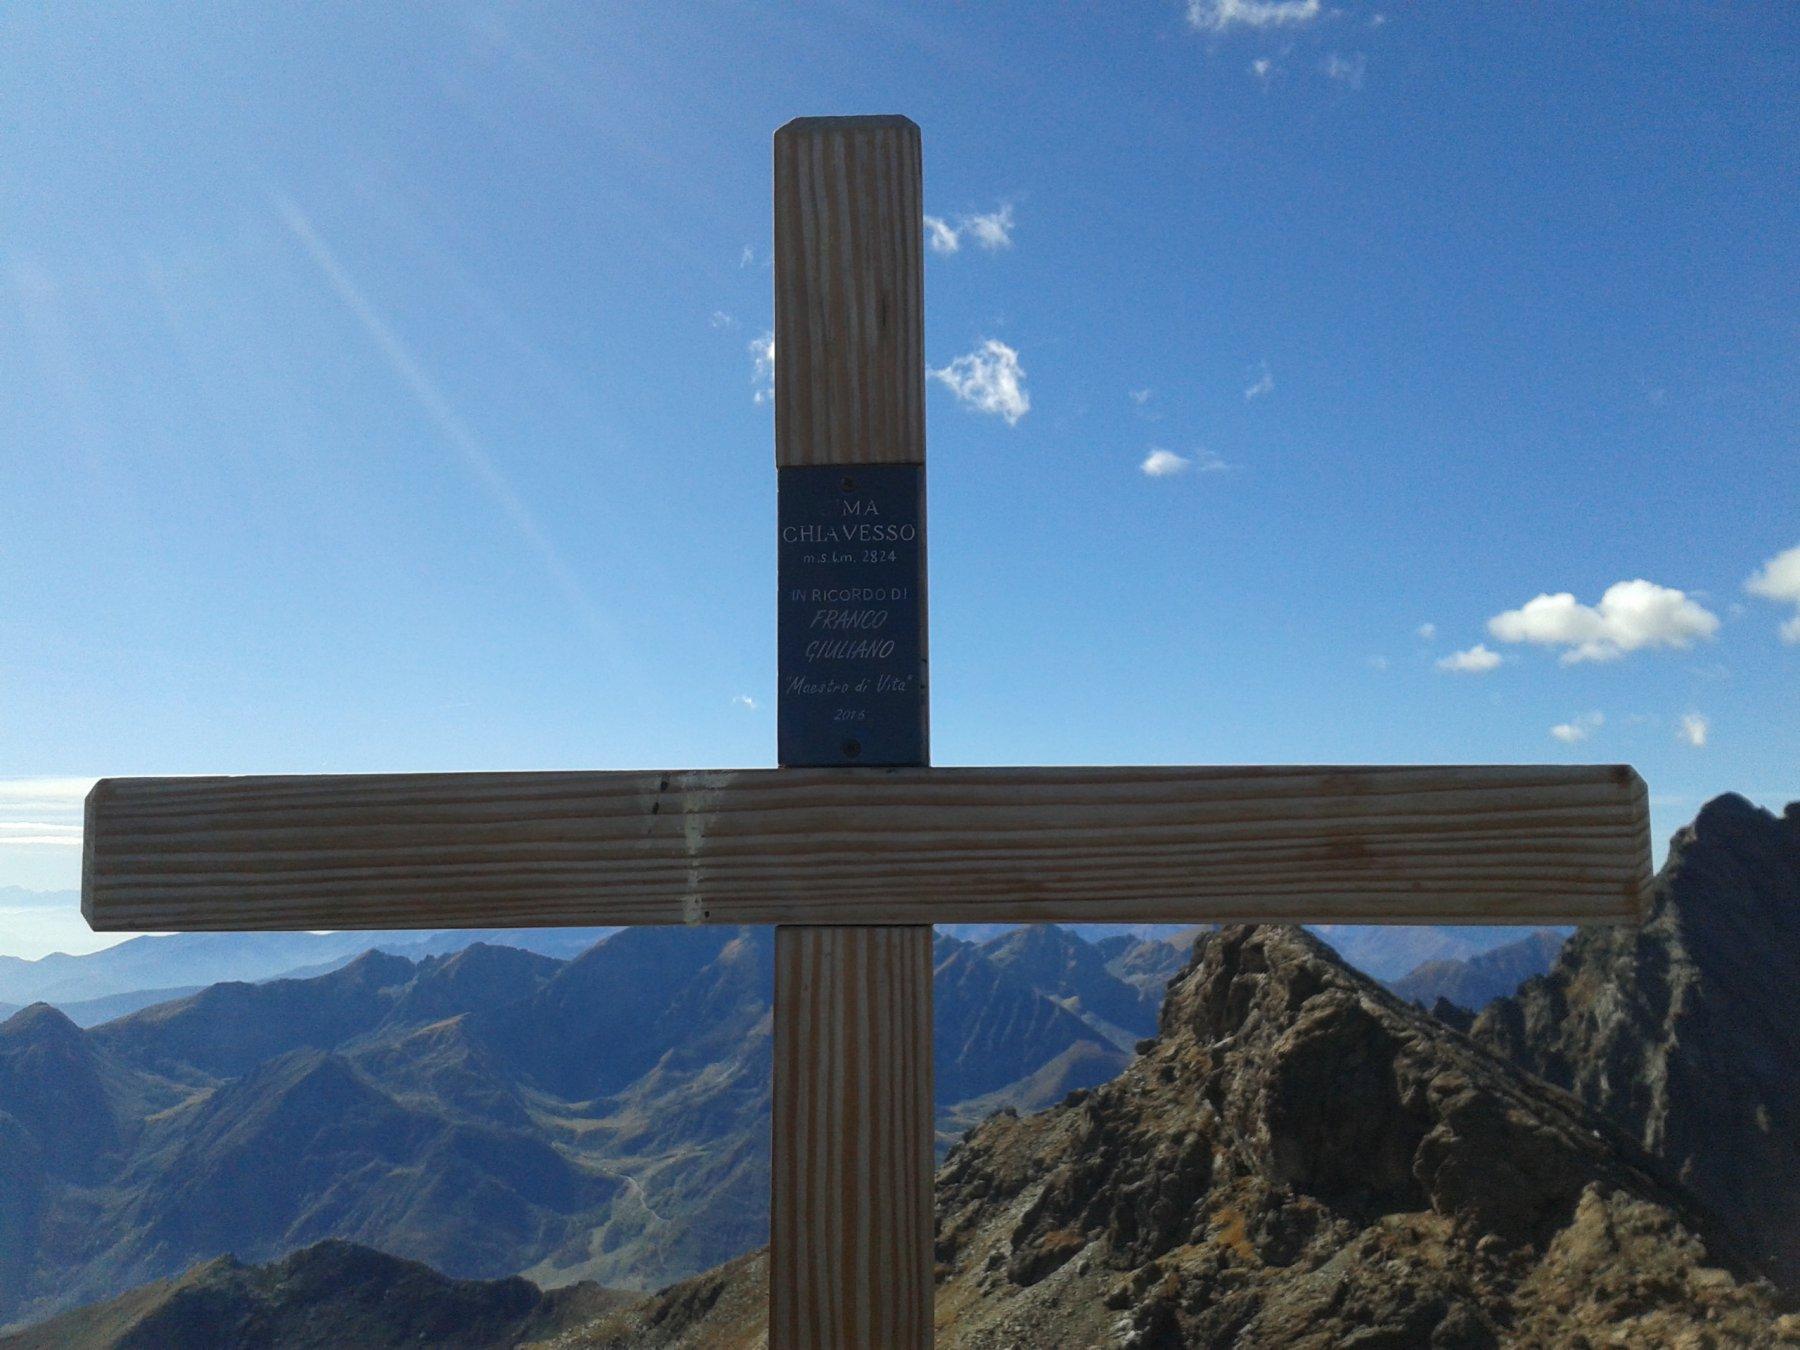 Nuova croce di vetta (2016) e targa in memoria